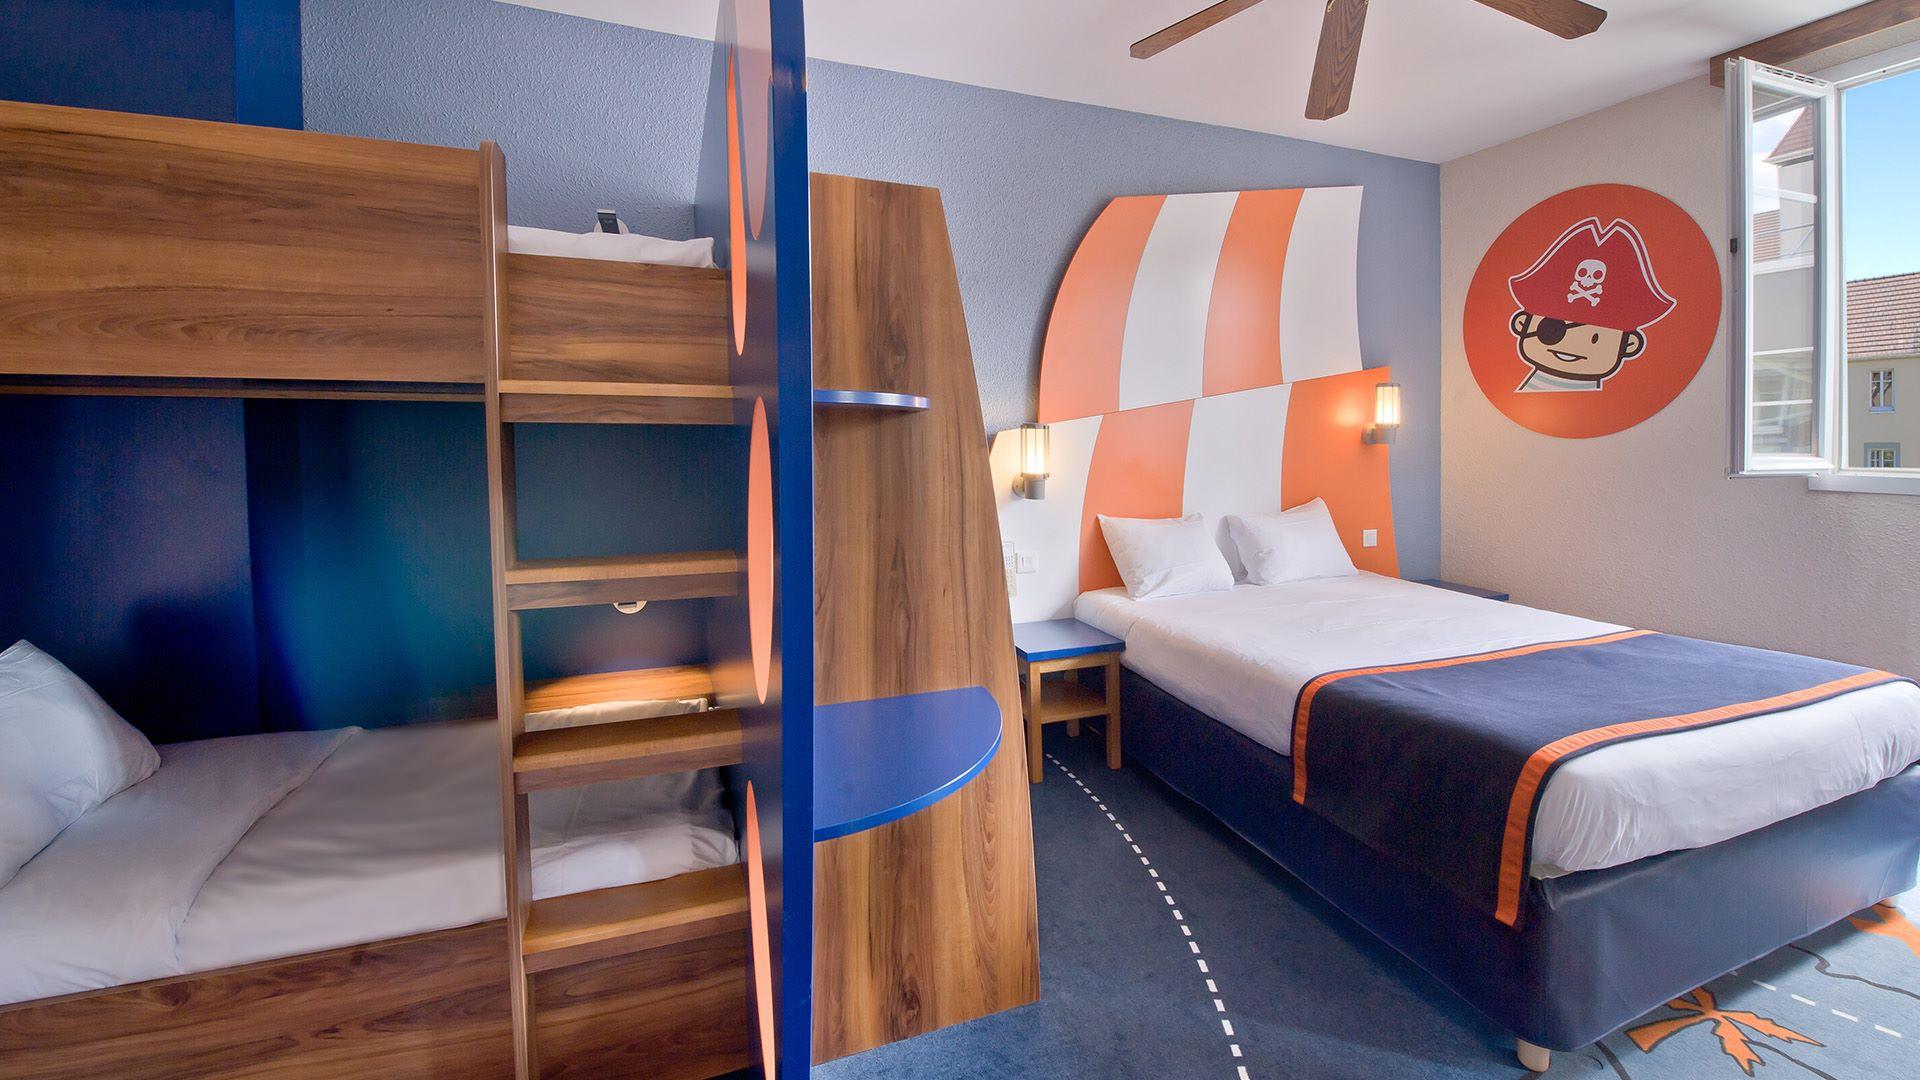 Chambres familles hotel marne la vall e explorers hotel - Hotel marne la vallee chambre familiale ...